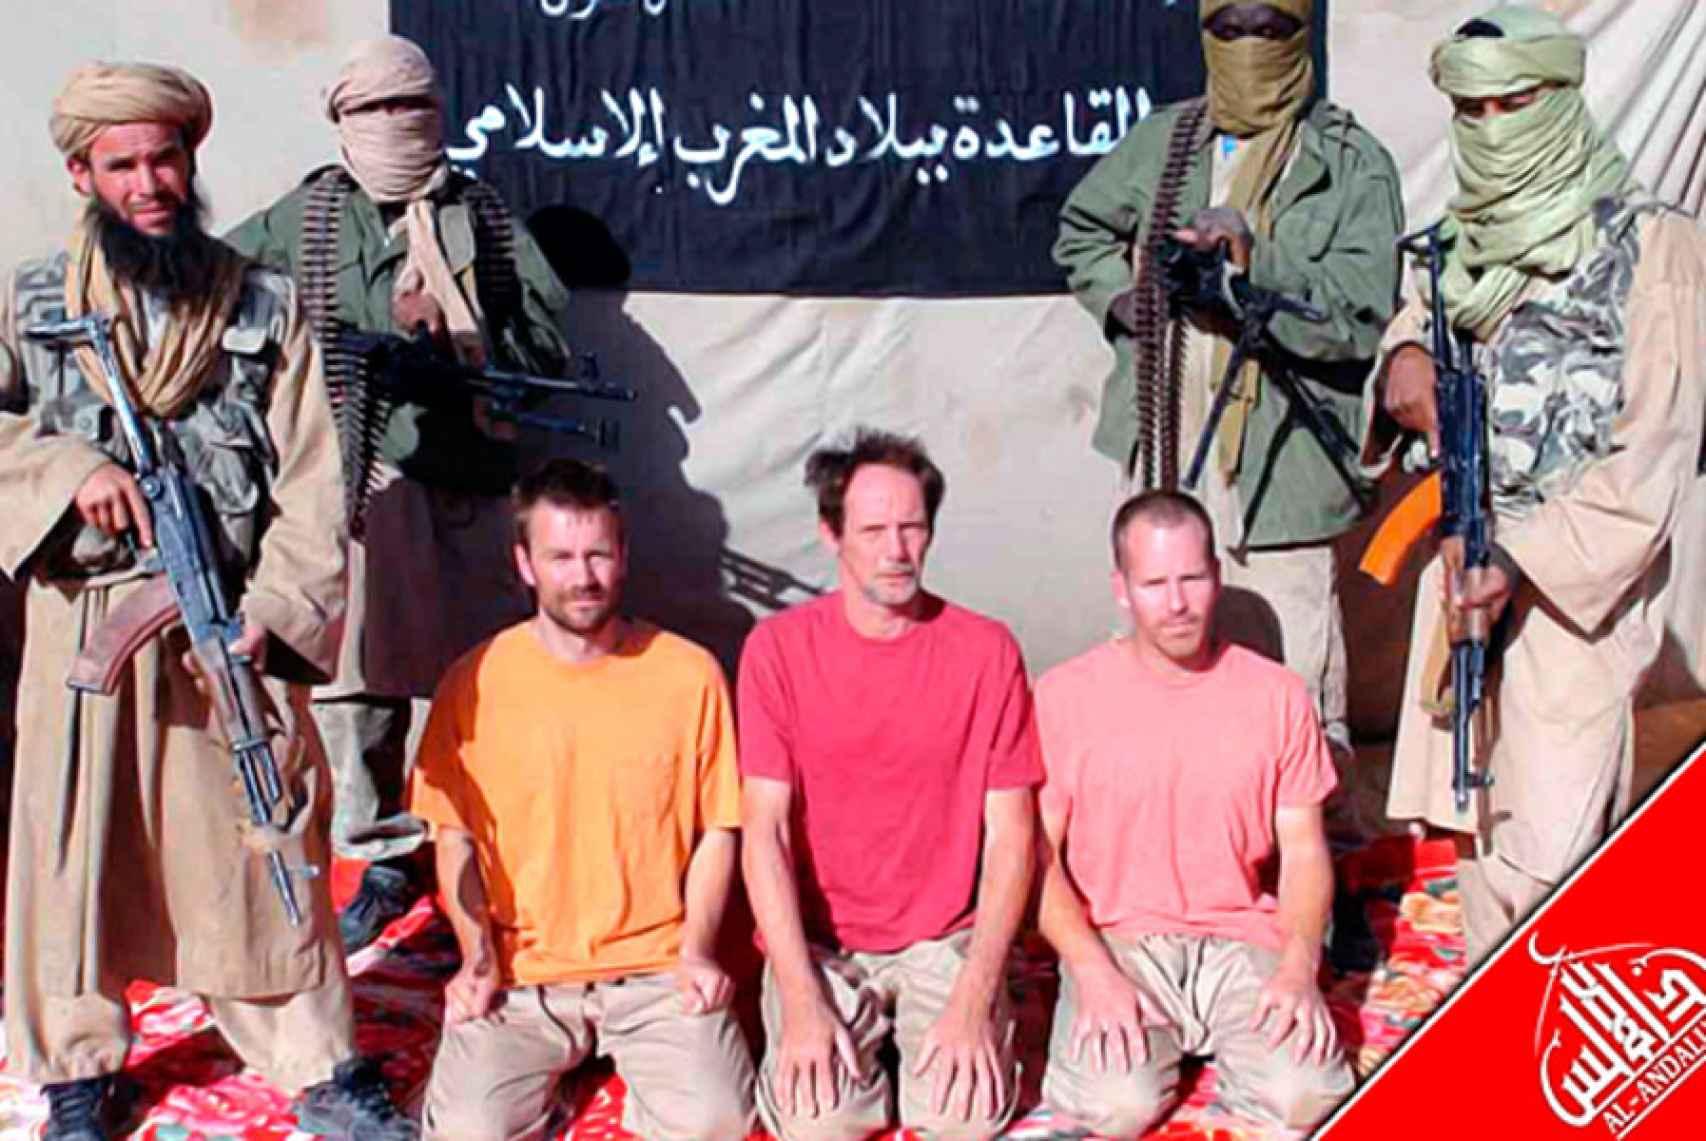 Imagen de archivo del secuestro de tres occidentales en Mali en el año 2011.